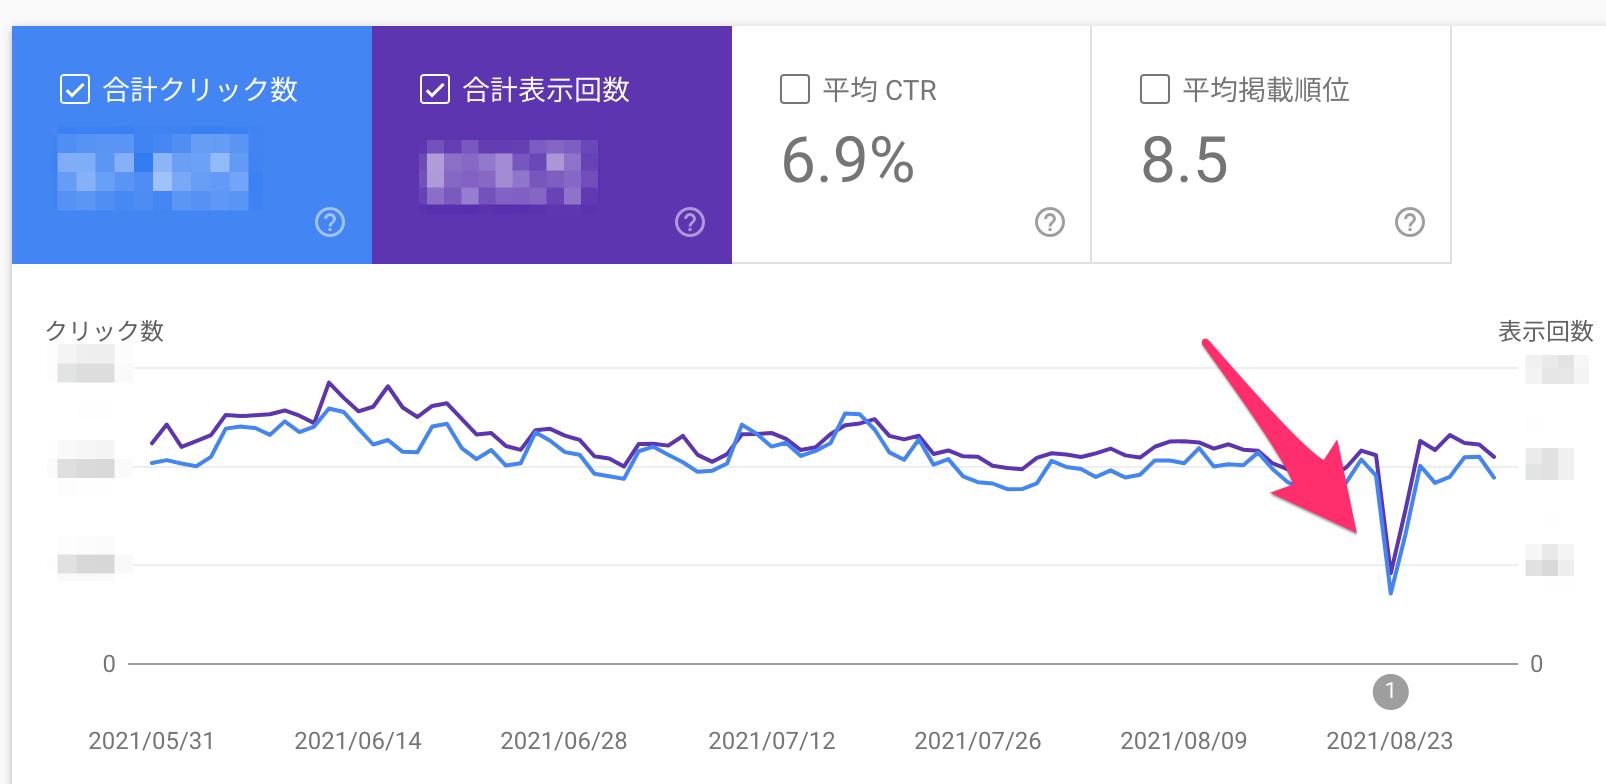 検索パフォーマンス レポートの減少